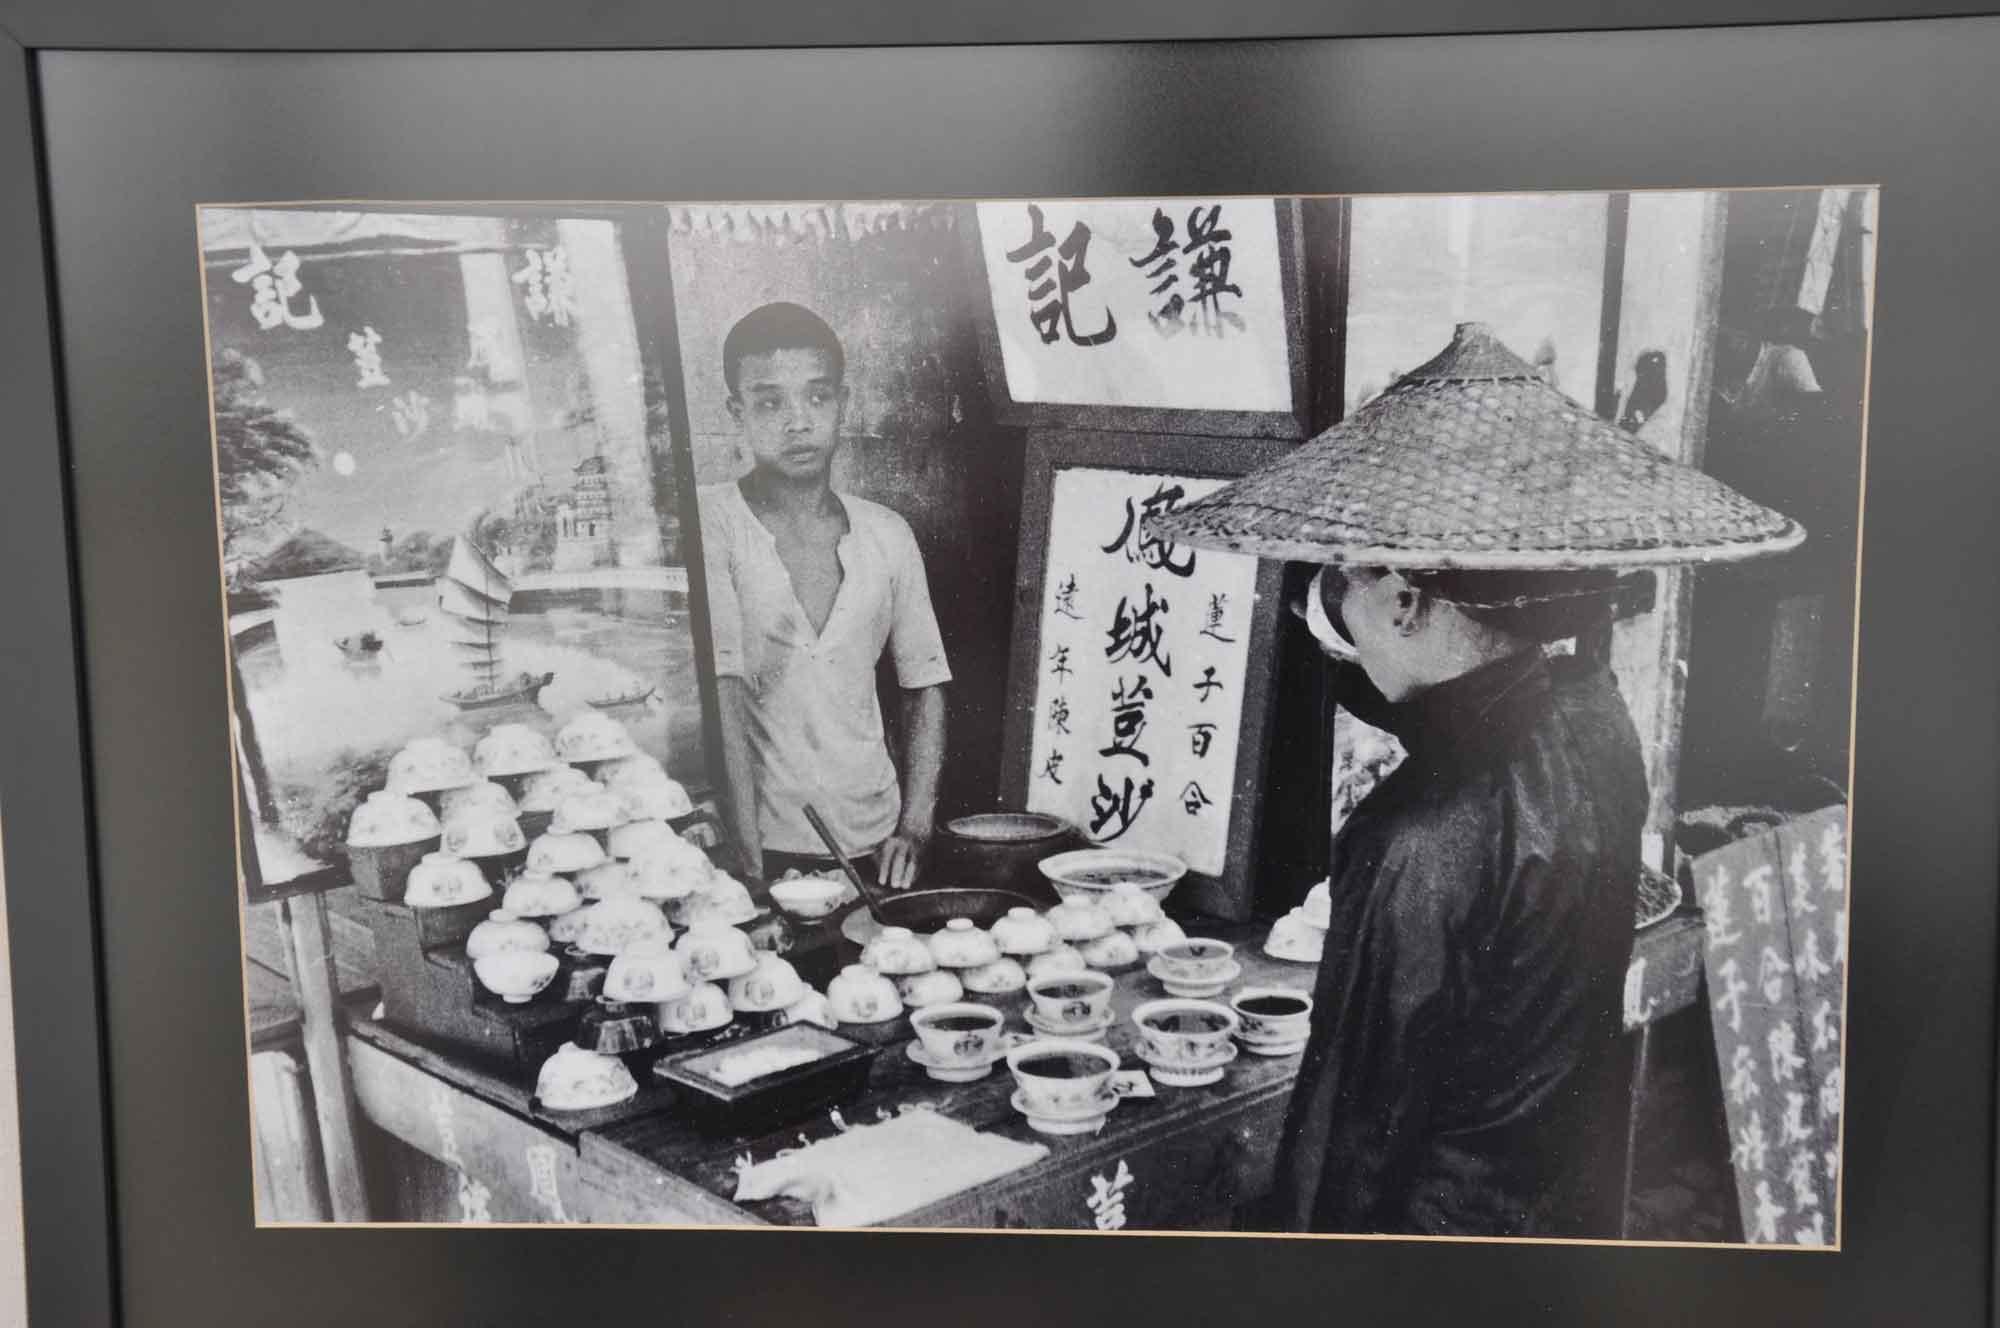 Soup stall Macau